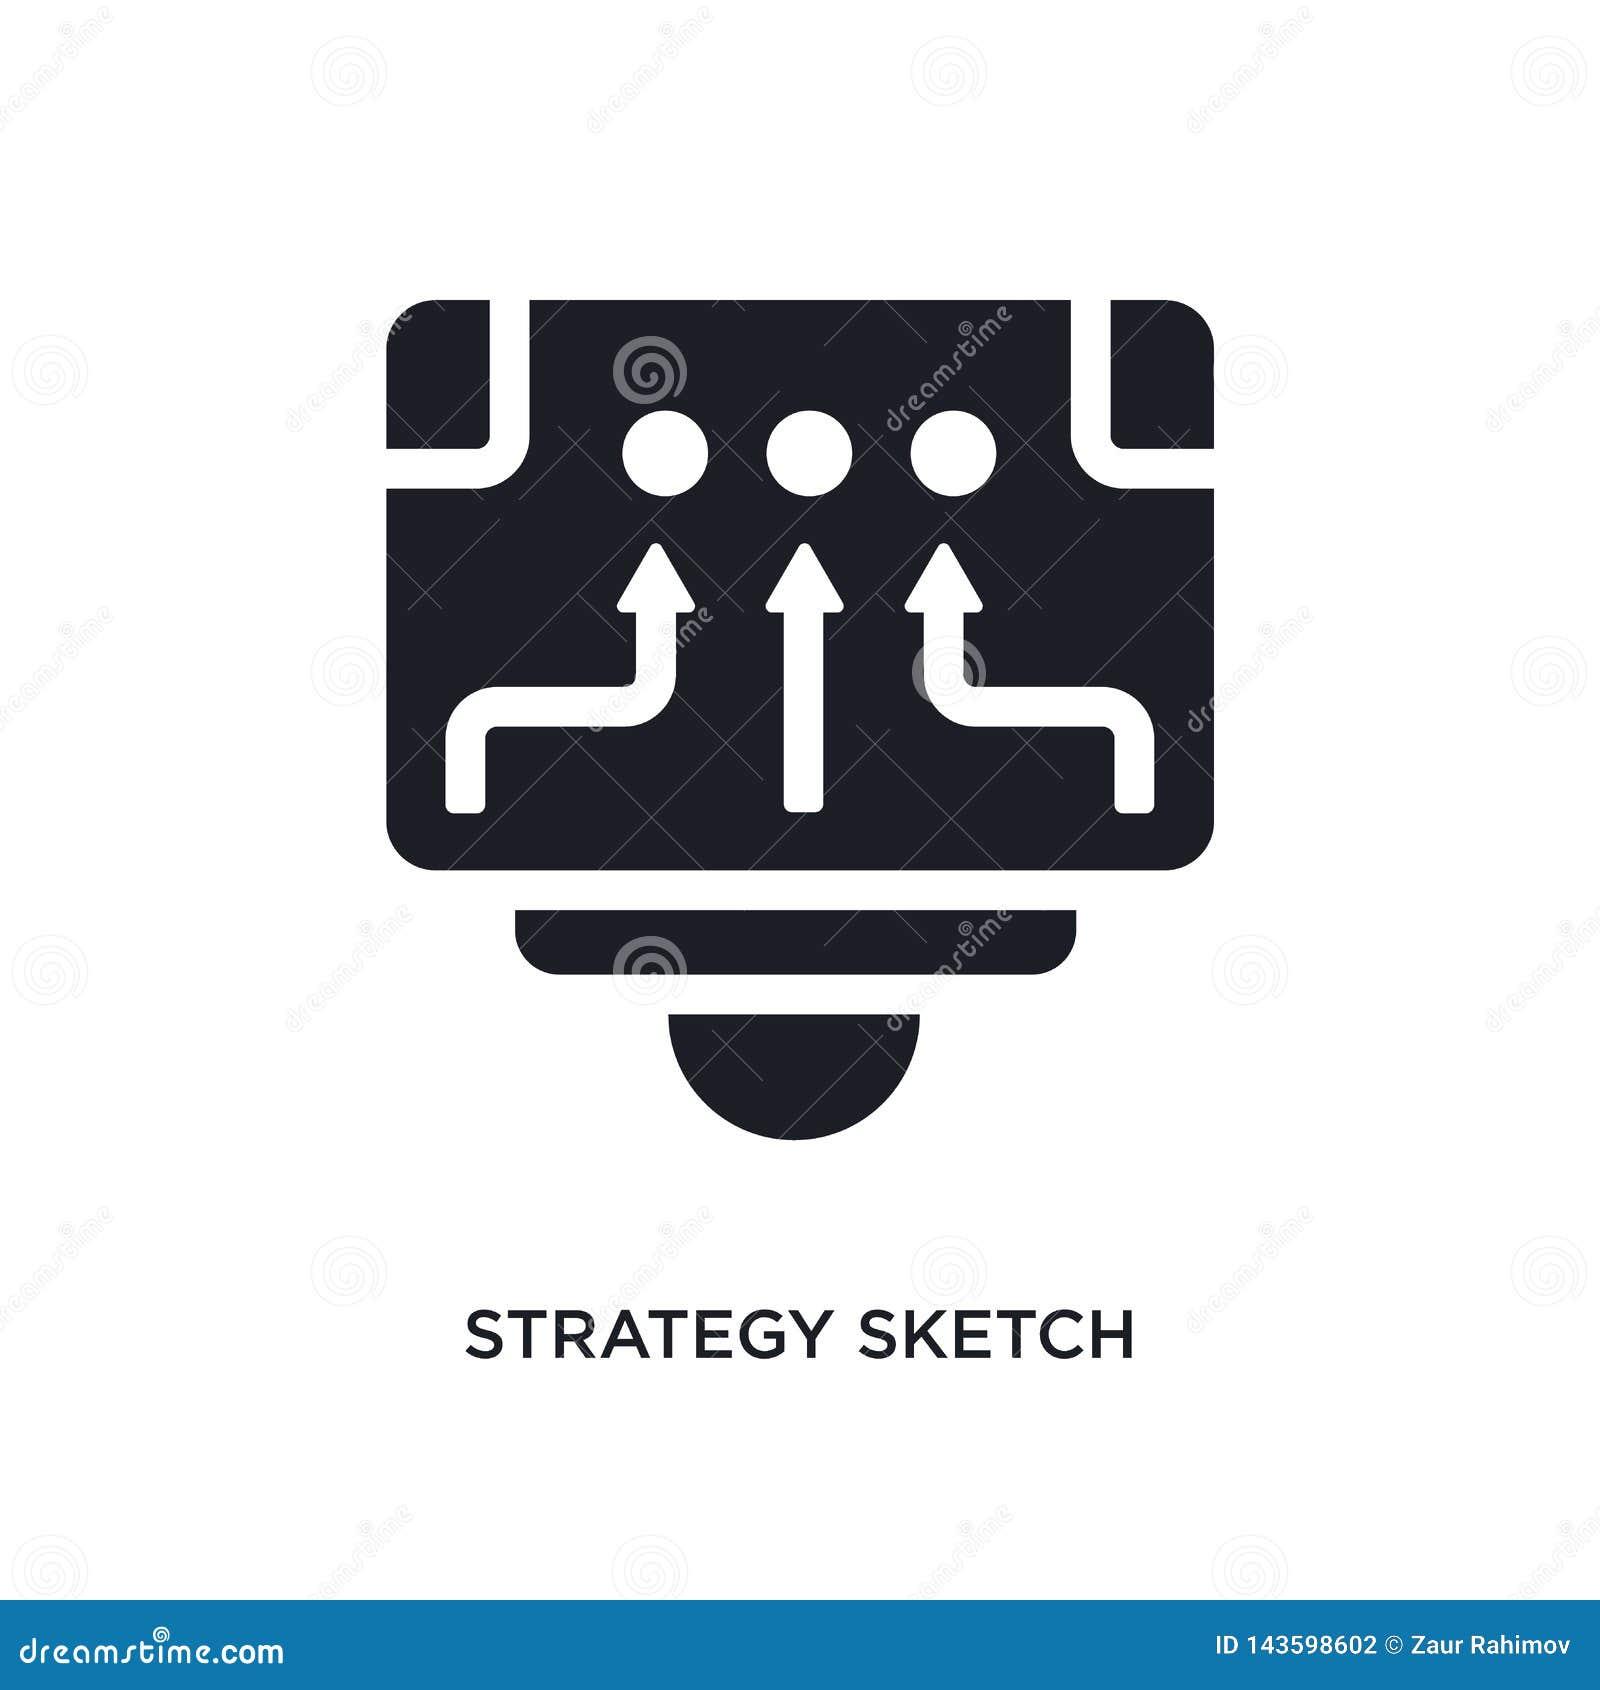 черным значок вектора стратегии изолированный эскизом простая иллюстрация элемента от запуска stategy и значков вектора концепции